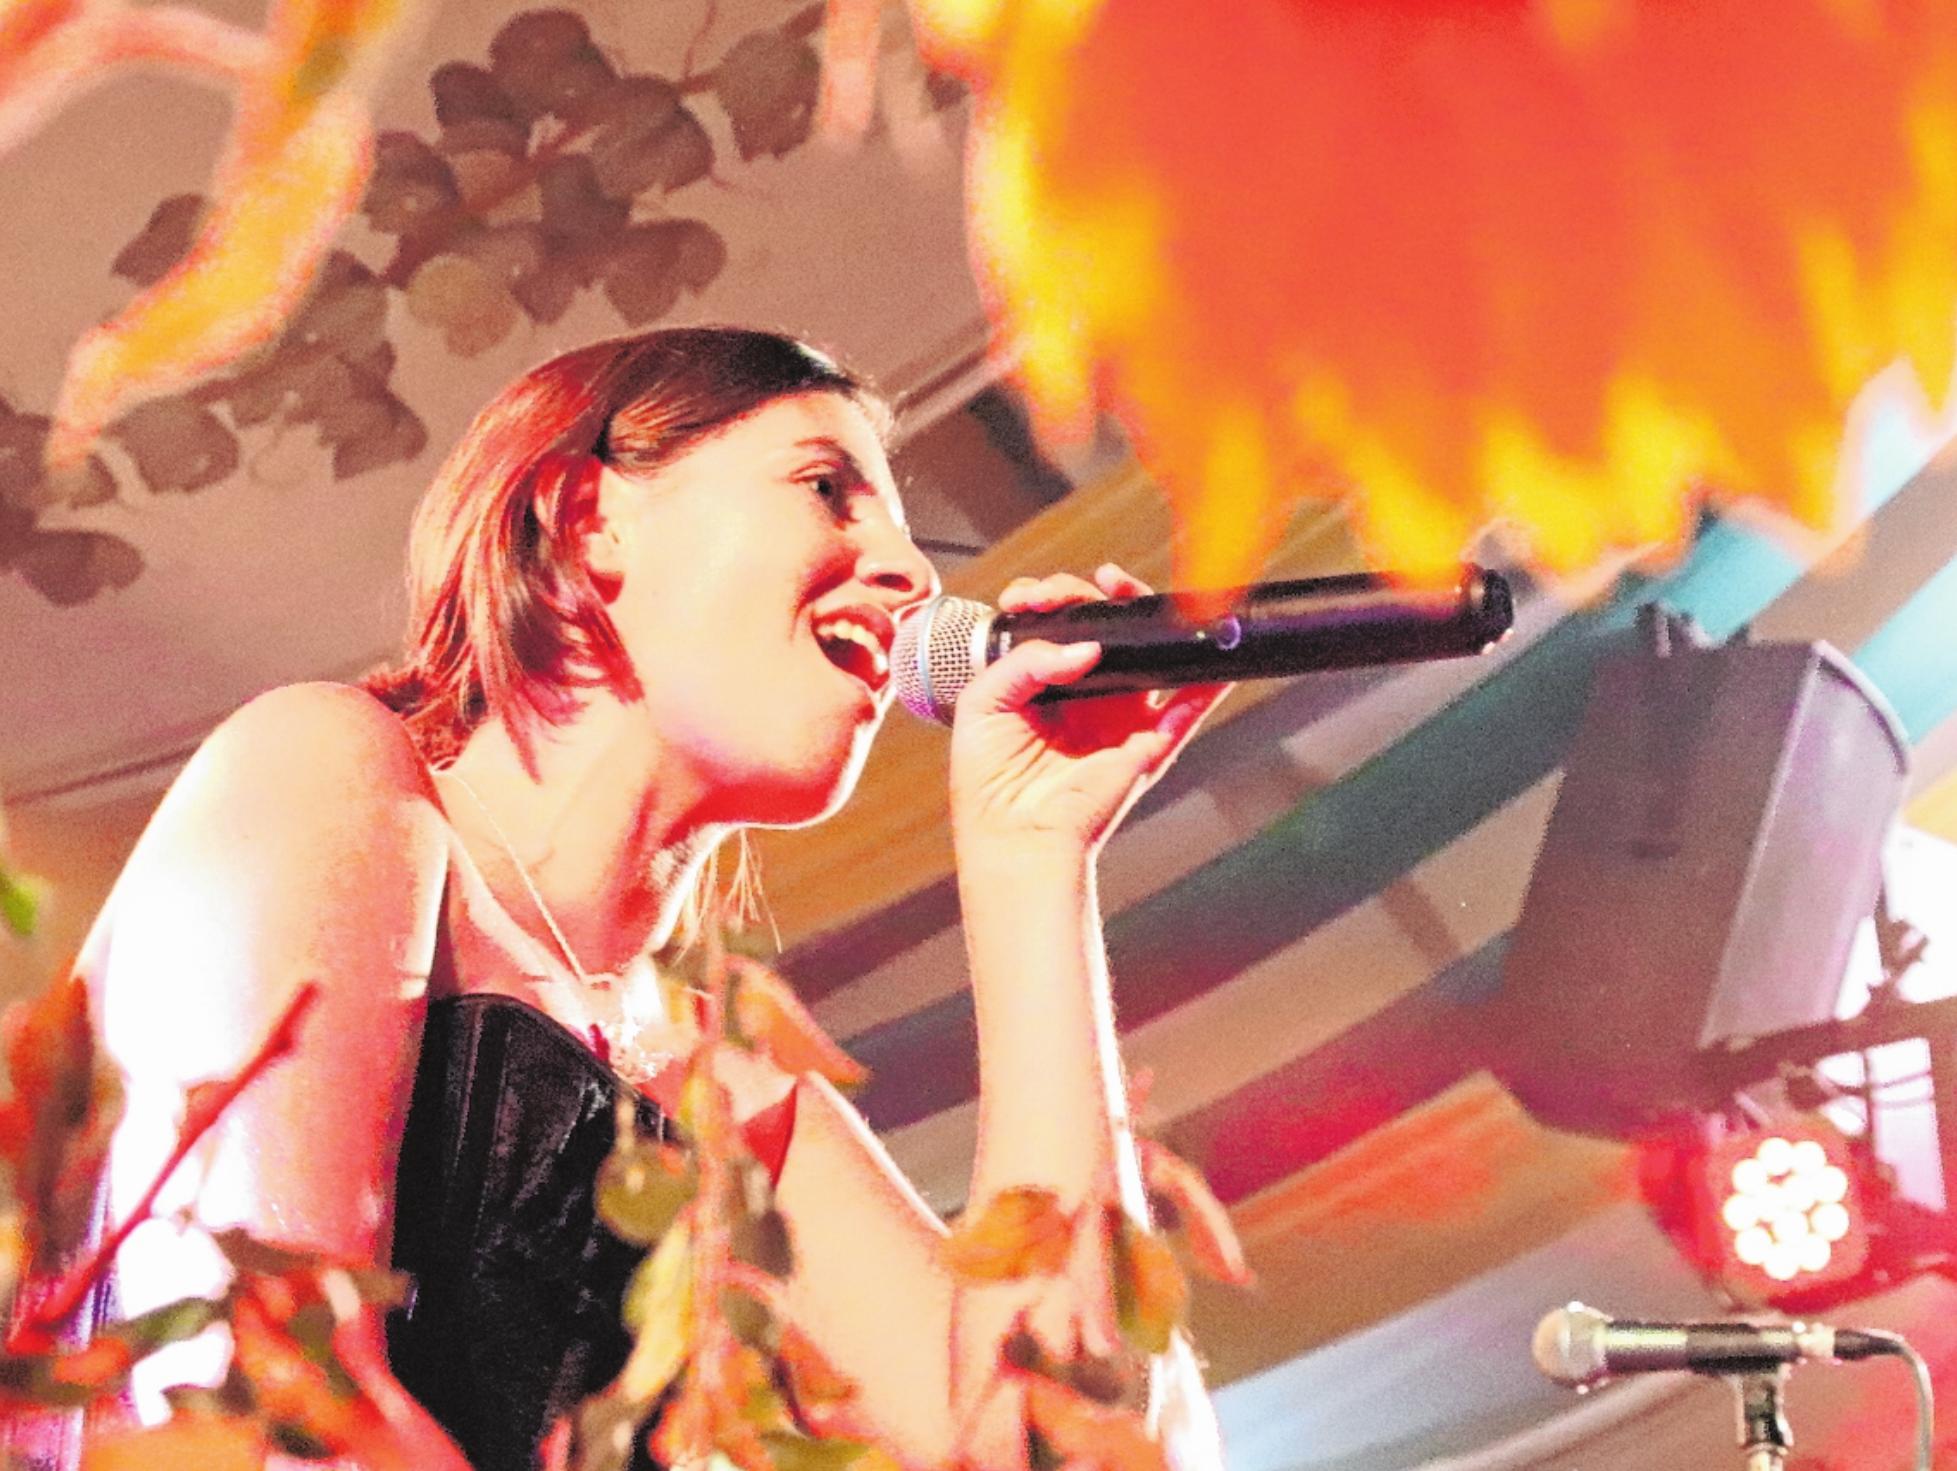 """Tina Zwickel, Sängerin der Stimmungs-Band """"Manyana"""", die für Donnerstag abend """"Happy Music for Happy People"""" ankündigt. FOTO: ROLAND PLEIER"""